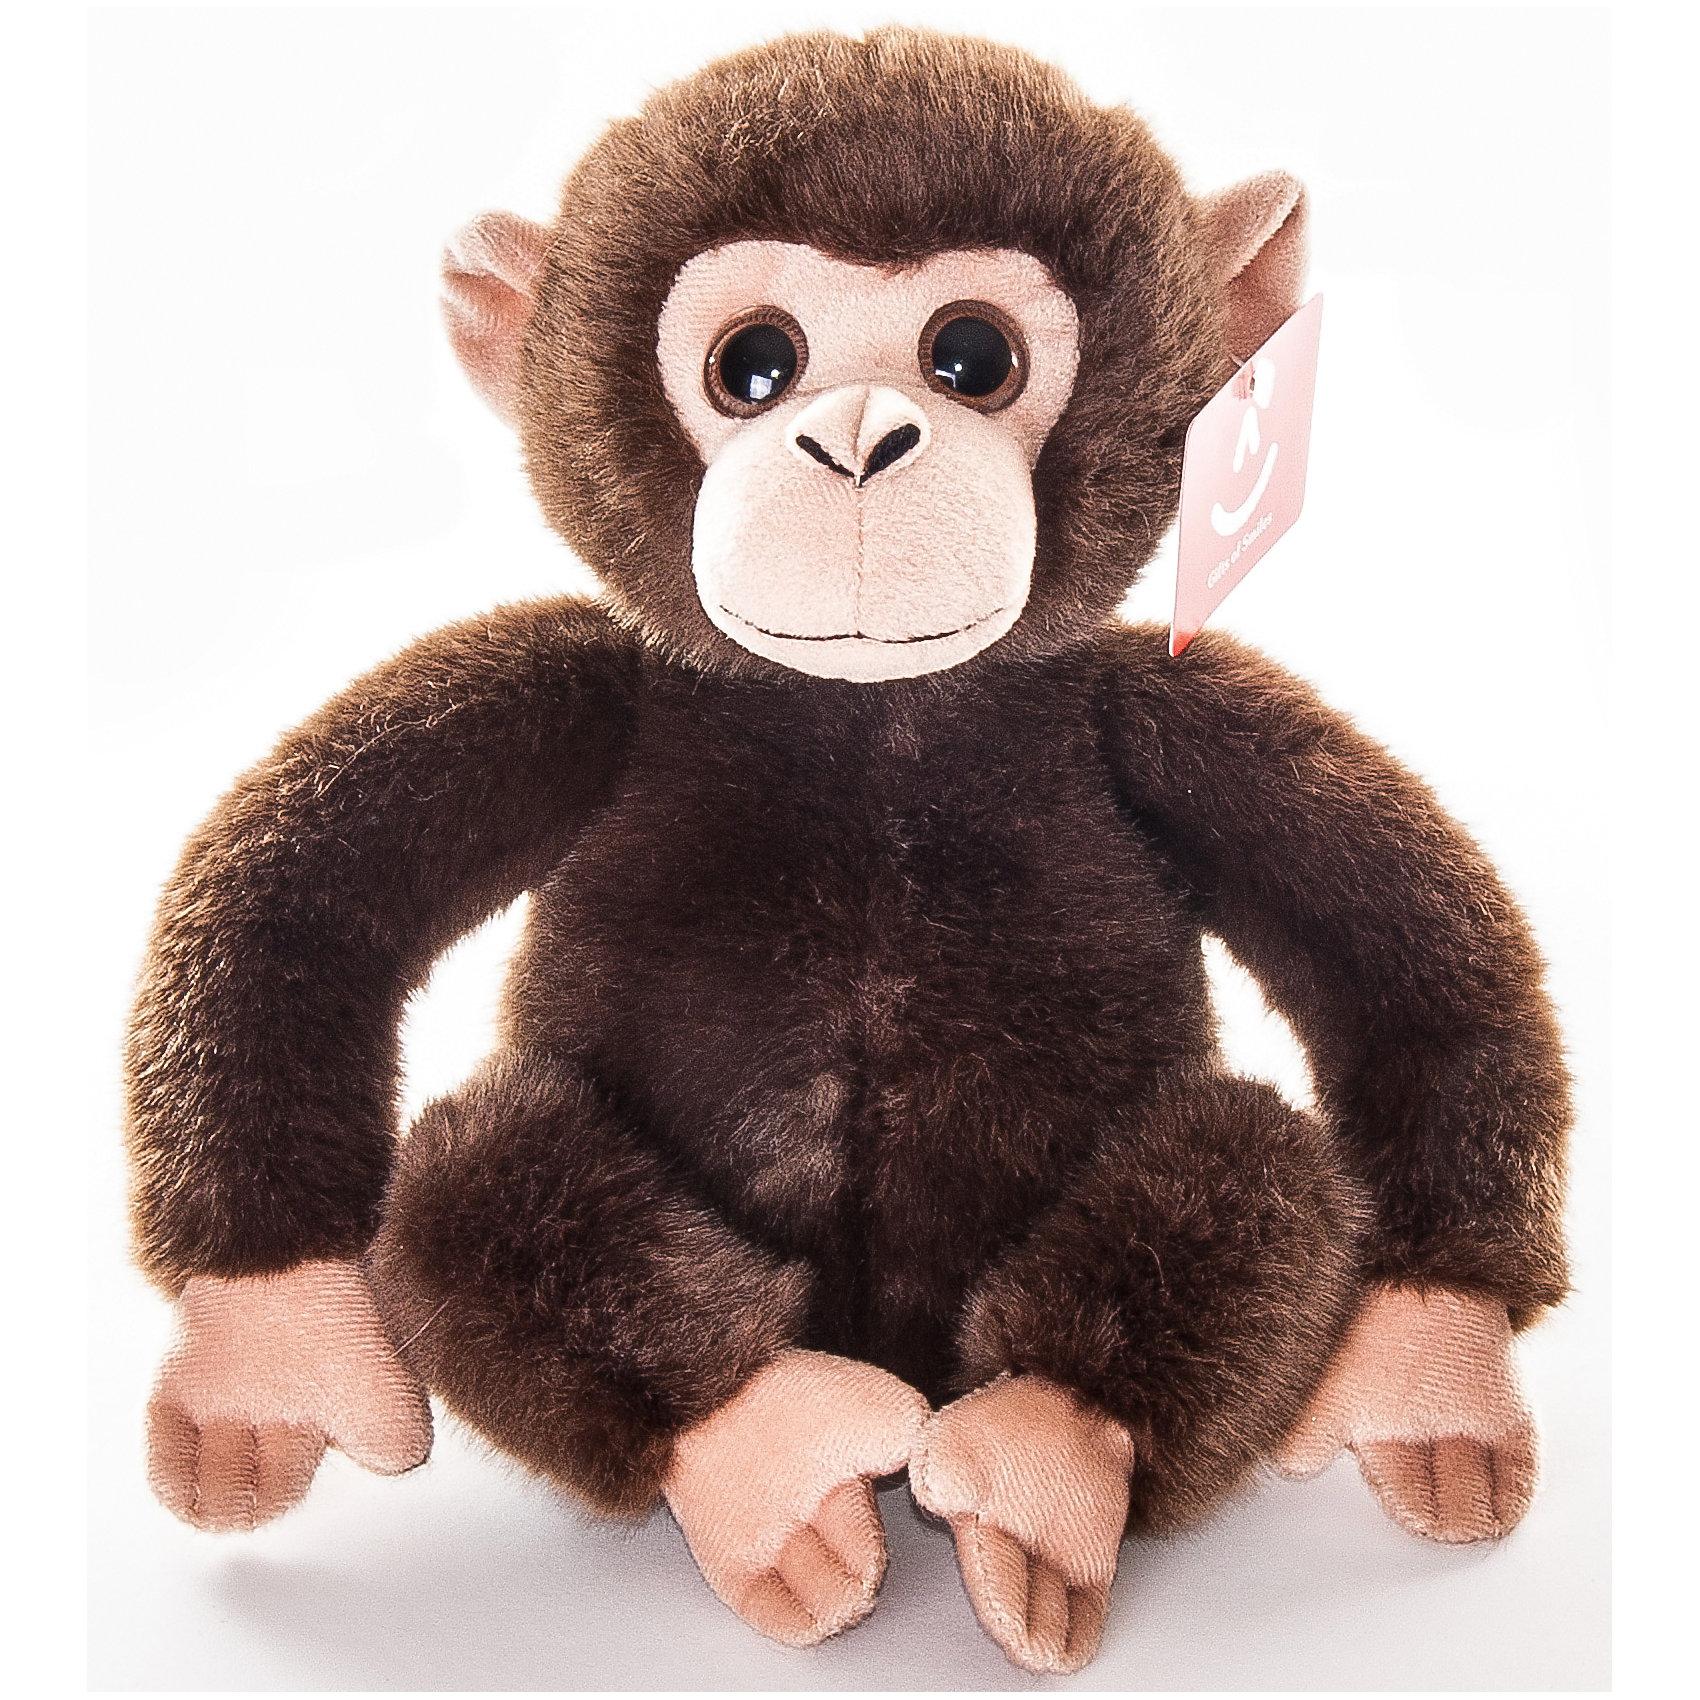 AURORA Мягкая игрушка Обезьянка тёмно-коричневая, 28 см., AURORA большую мягкую игрушку собаку лежа в москве